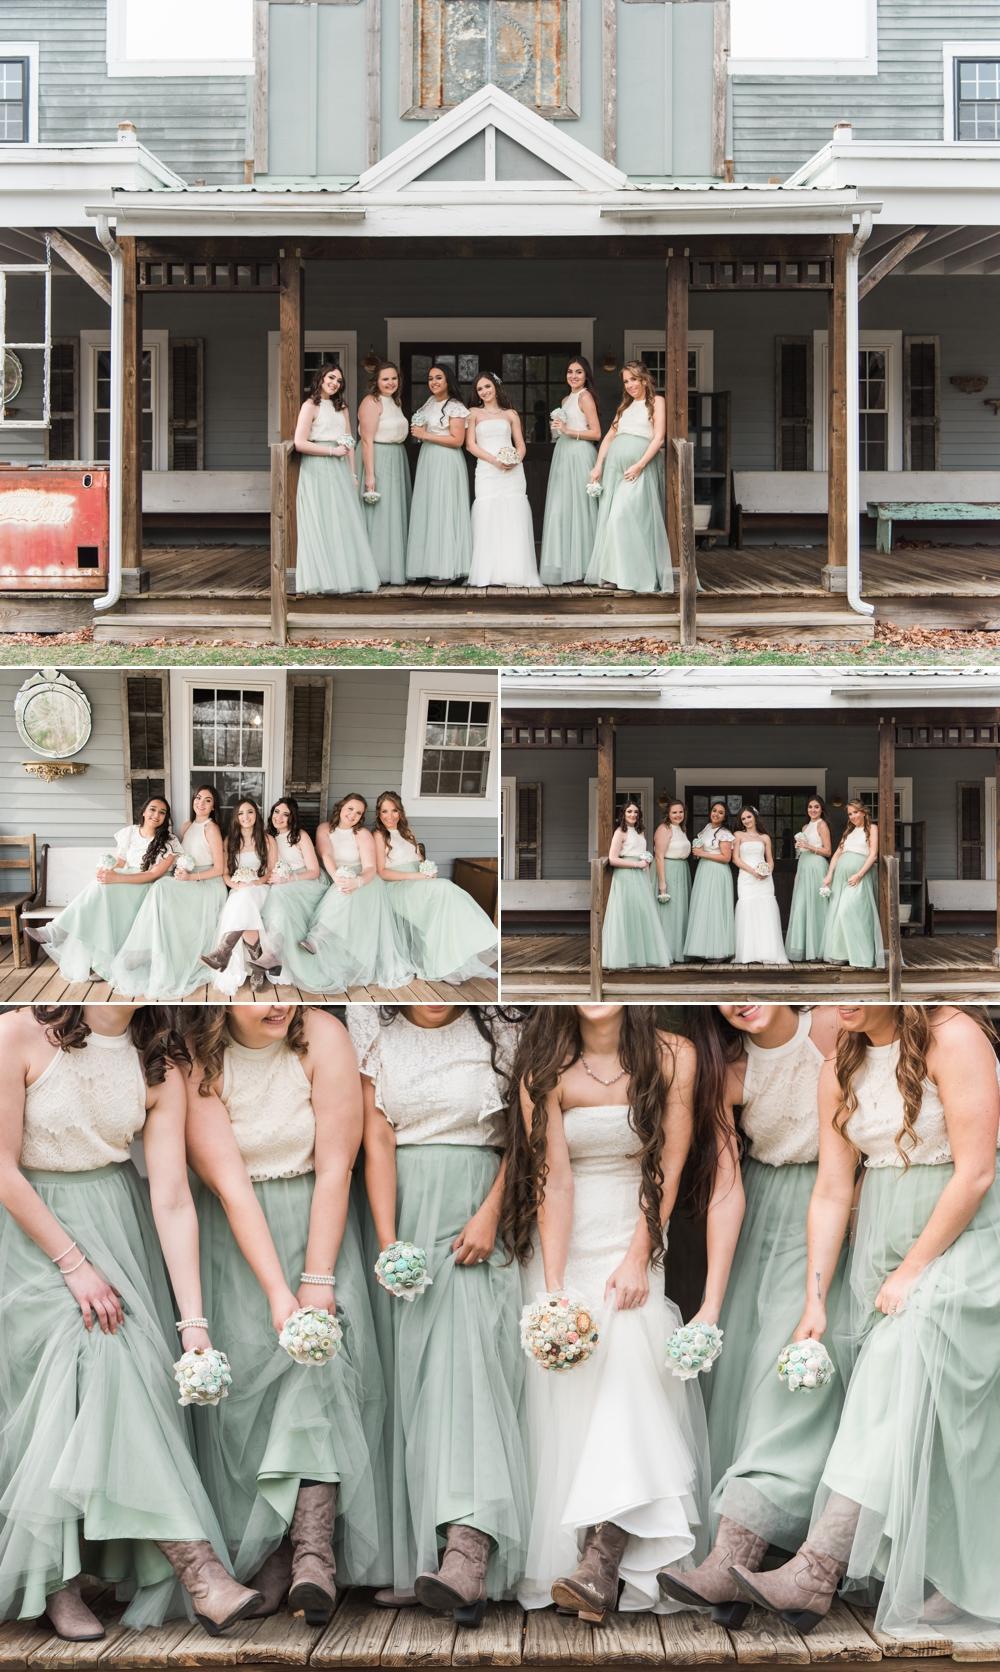 vai wedding 16.jpg